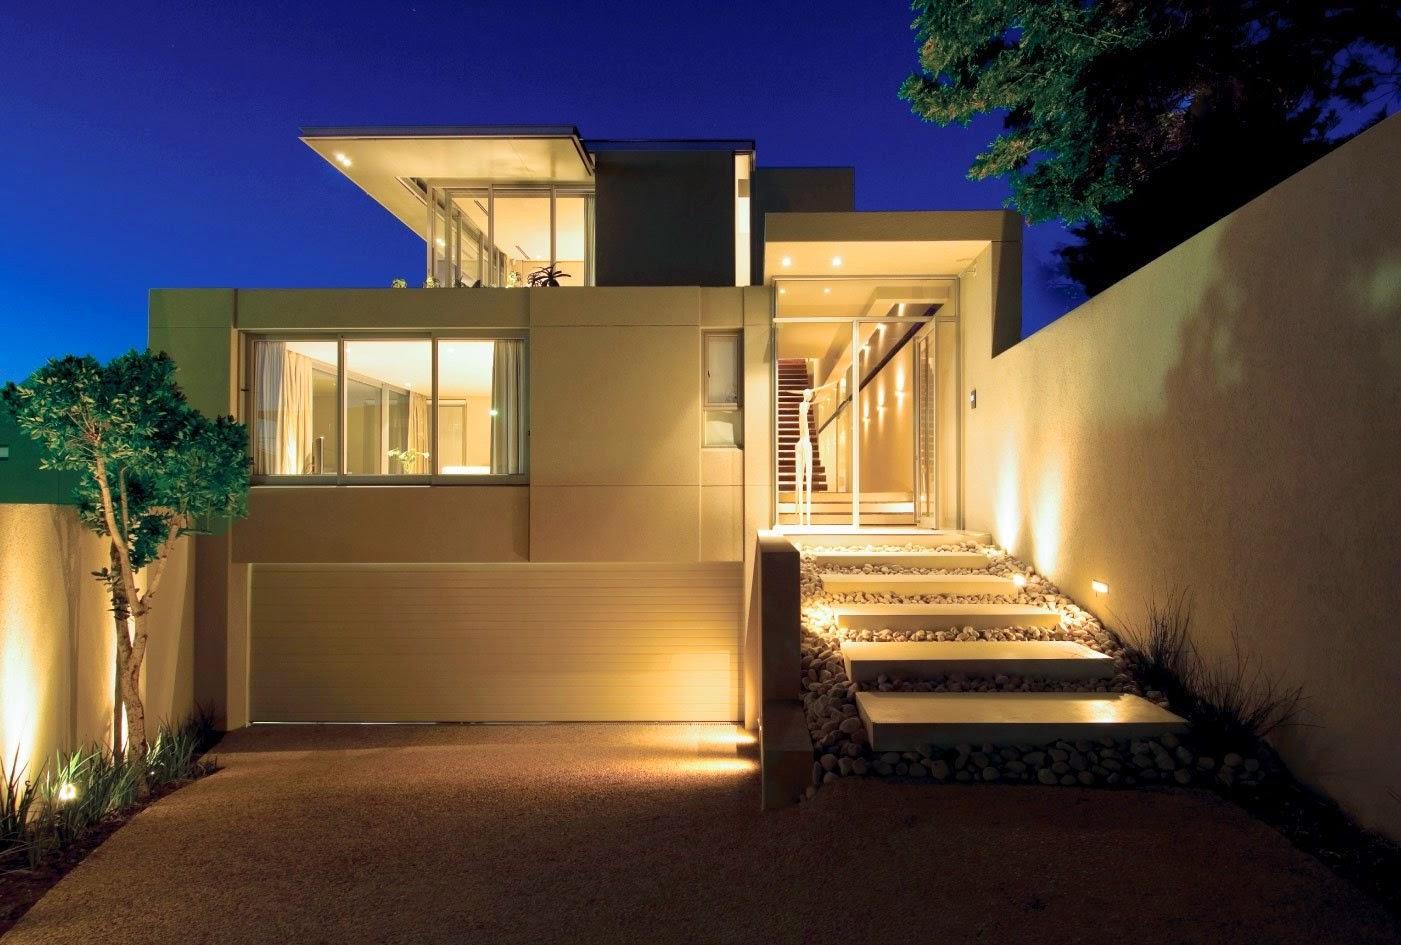 65 Desain Rumah Jepang Minimalis 2 Lantai Desain Rumah